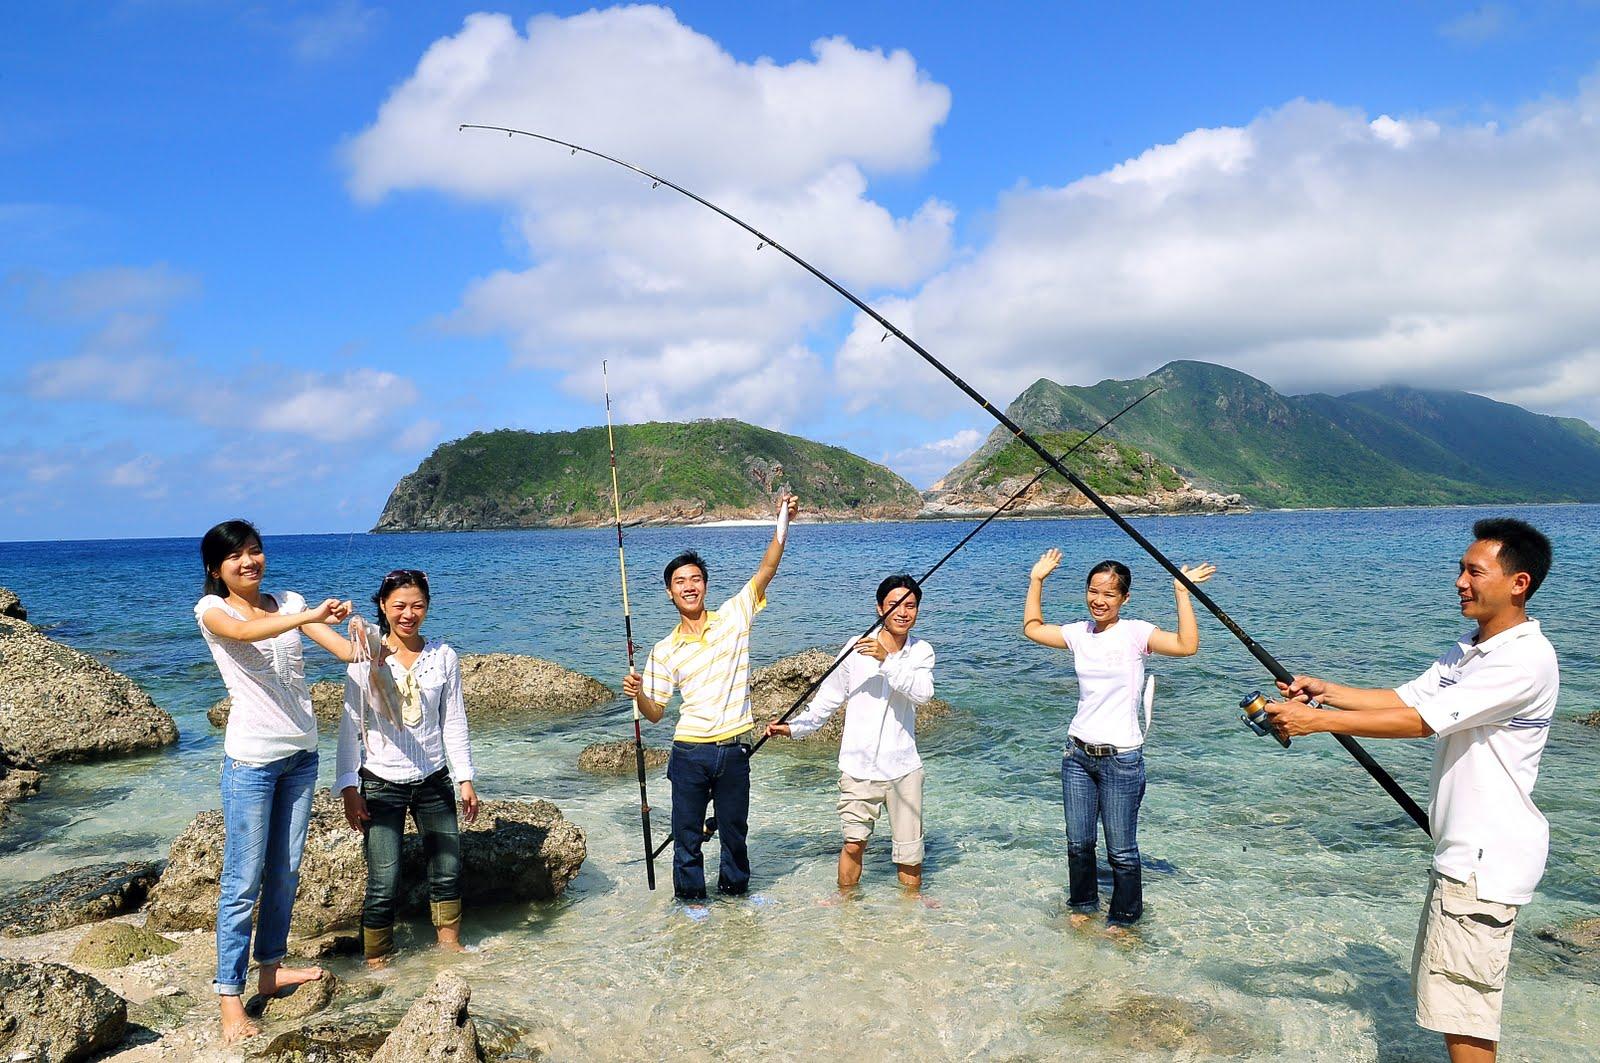 Kinh nghiệm du lịch đảo Hòn Thơm, Phú Quốc: Vi vu khắp đảo chỉ tốn khoảng 1.5 triệu